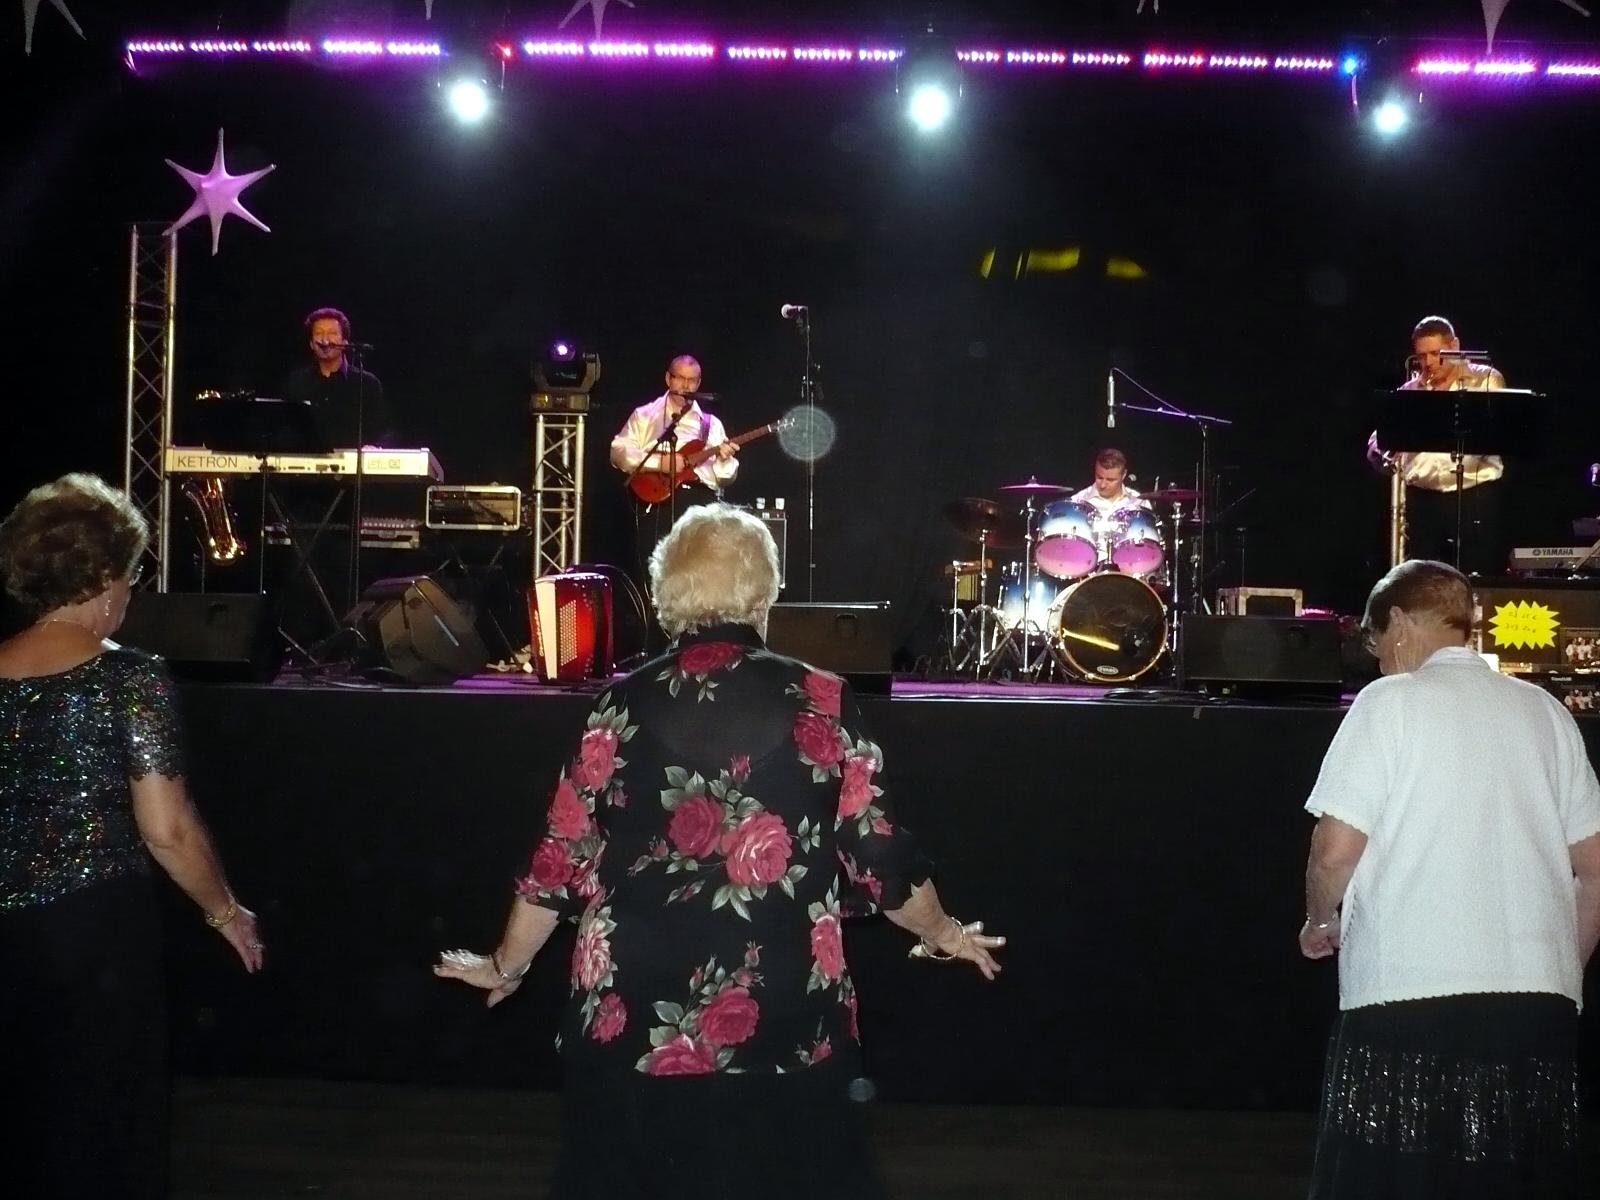 Le blog de la danse de salon anniversaire de 39 theatro 39 avec pascal hamard - Blog de la danse de salon ...